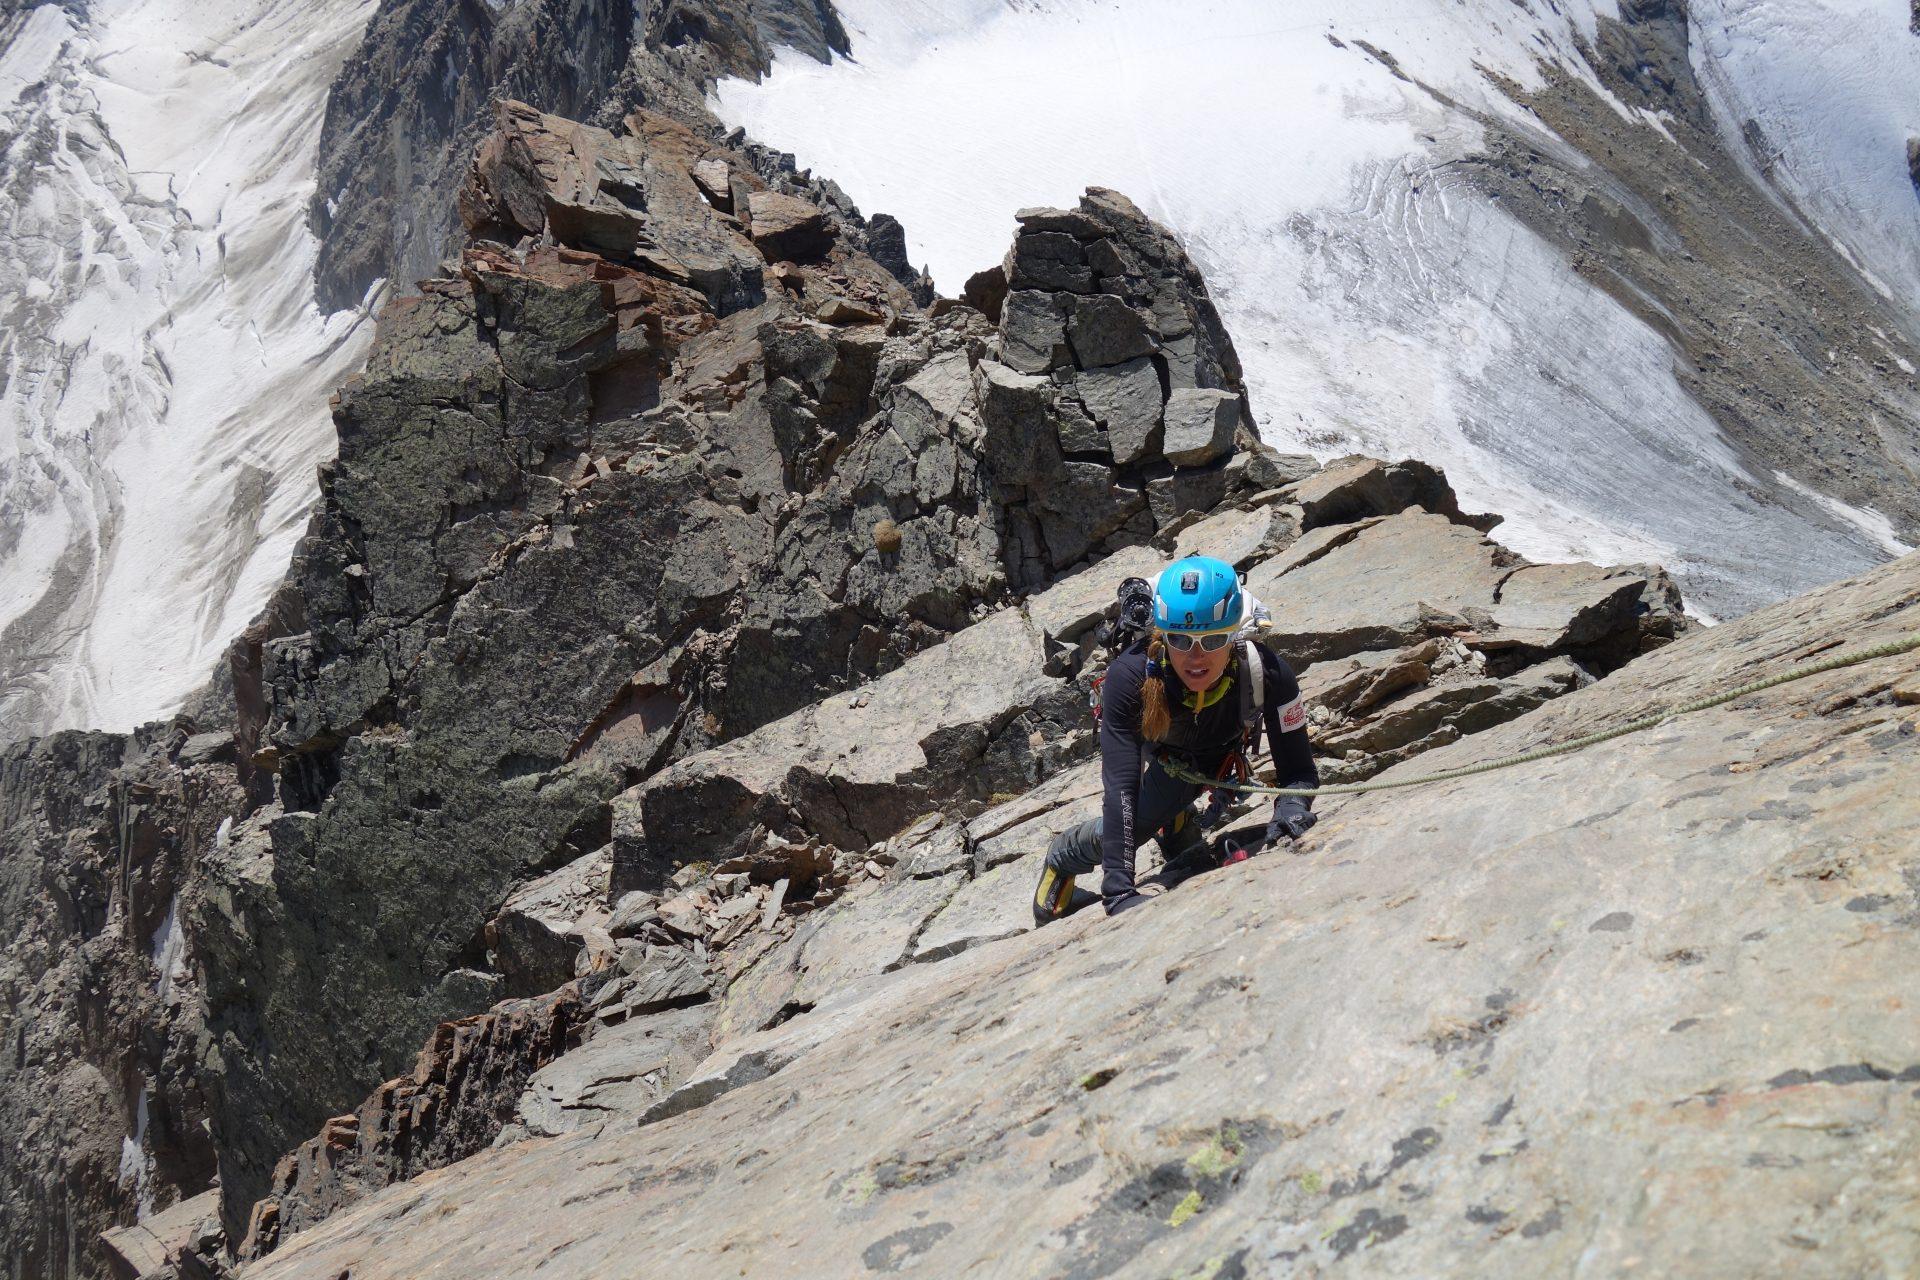 Lucie Výborná netají, že kolo je pro ni prostředkem k nabírání fyzické kondice pro pobyt v horách. Foto: archiv Lucie Výborné